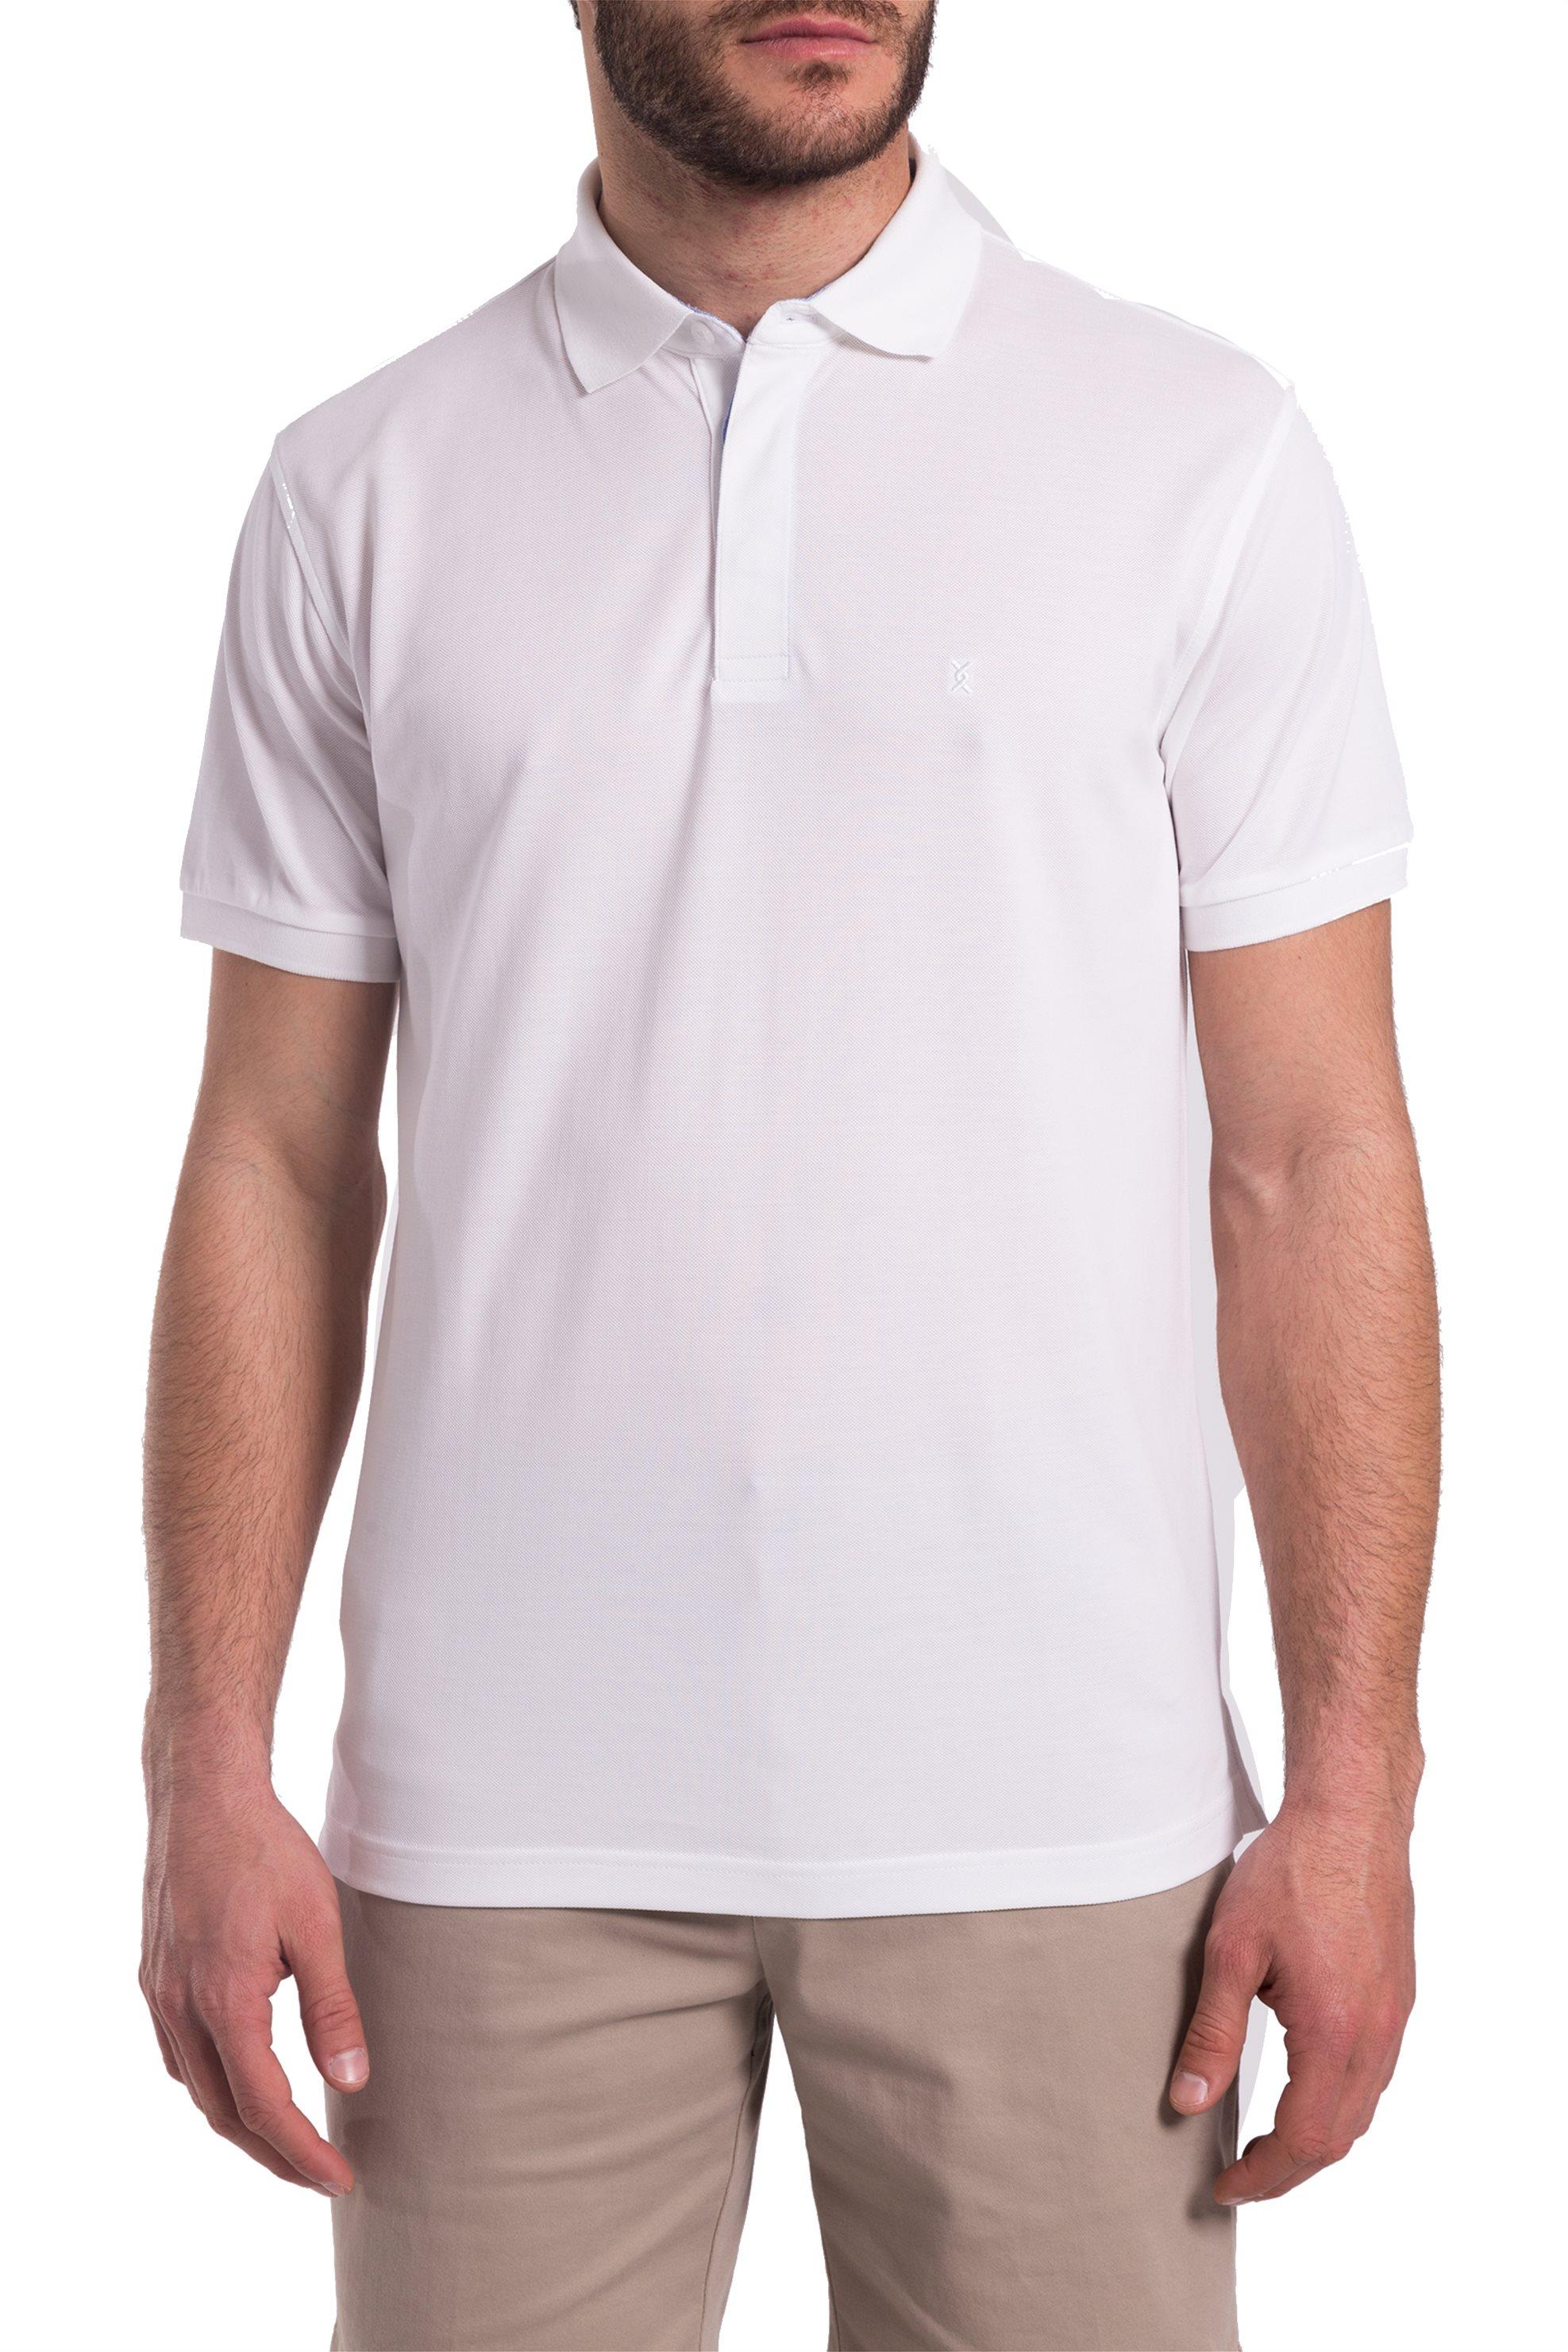 daae1bf5057e Ανδρικά   Ρούχα   Μπλούζες-   Ανδρικό T-Shirt Never Give Up (κωδ ...